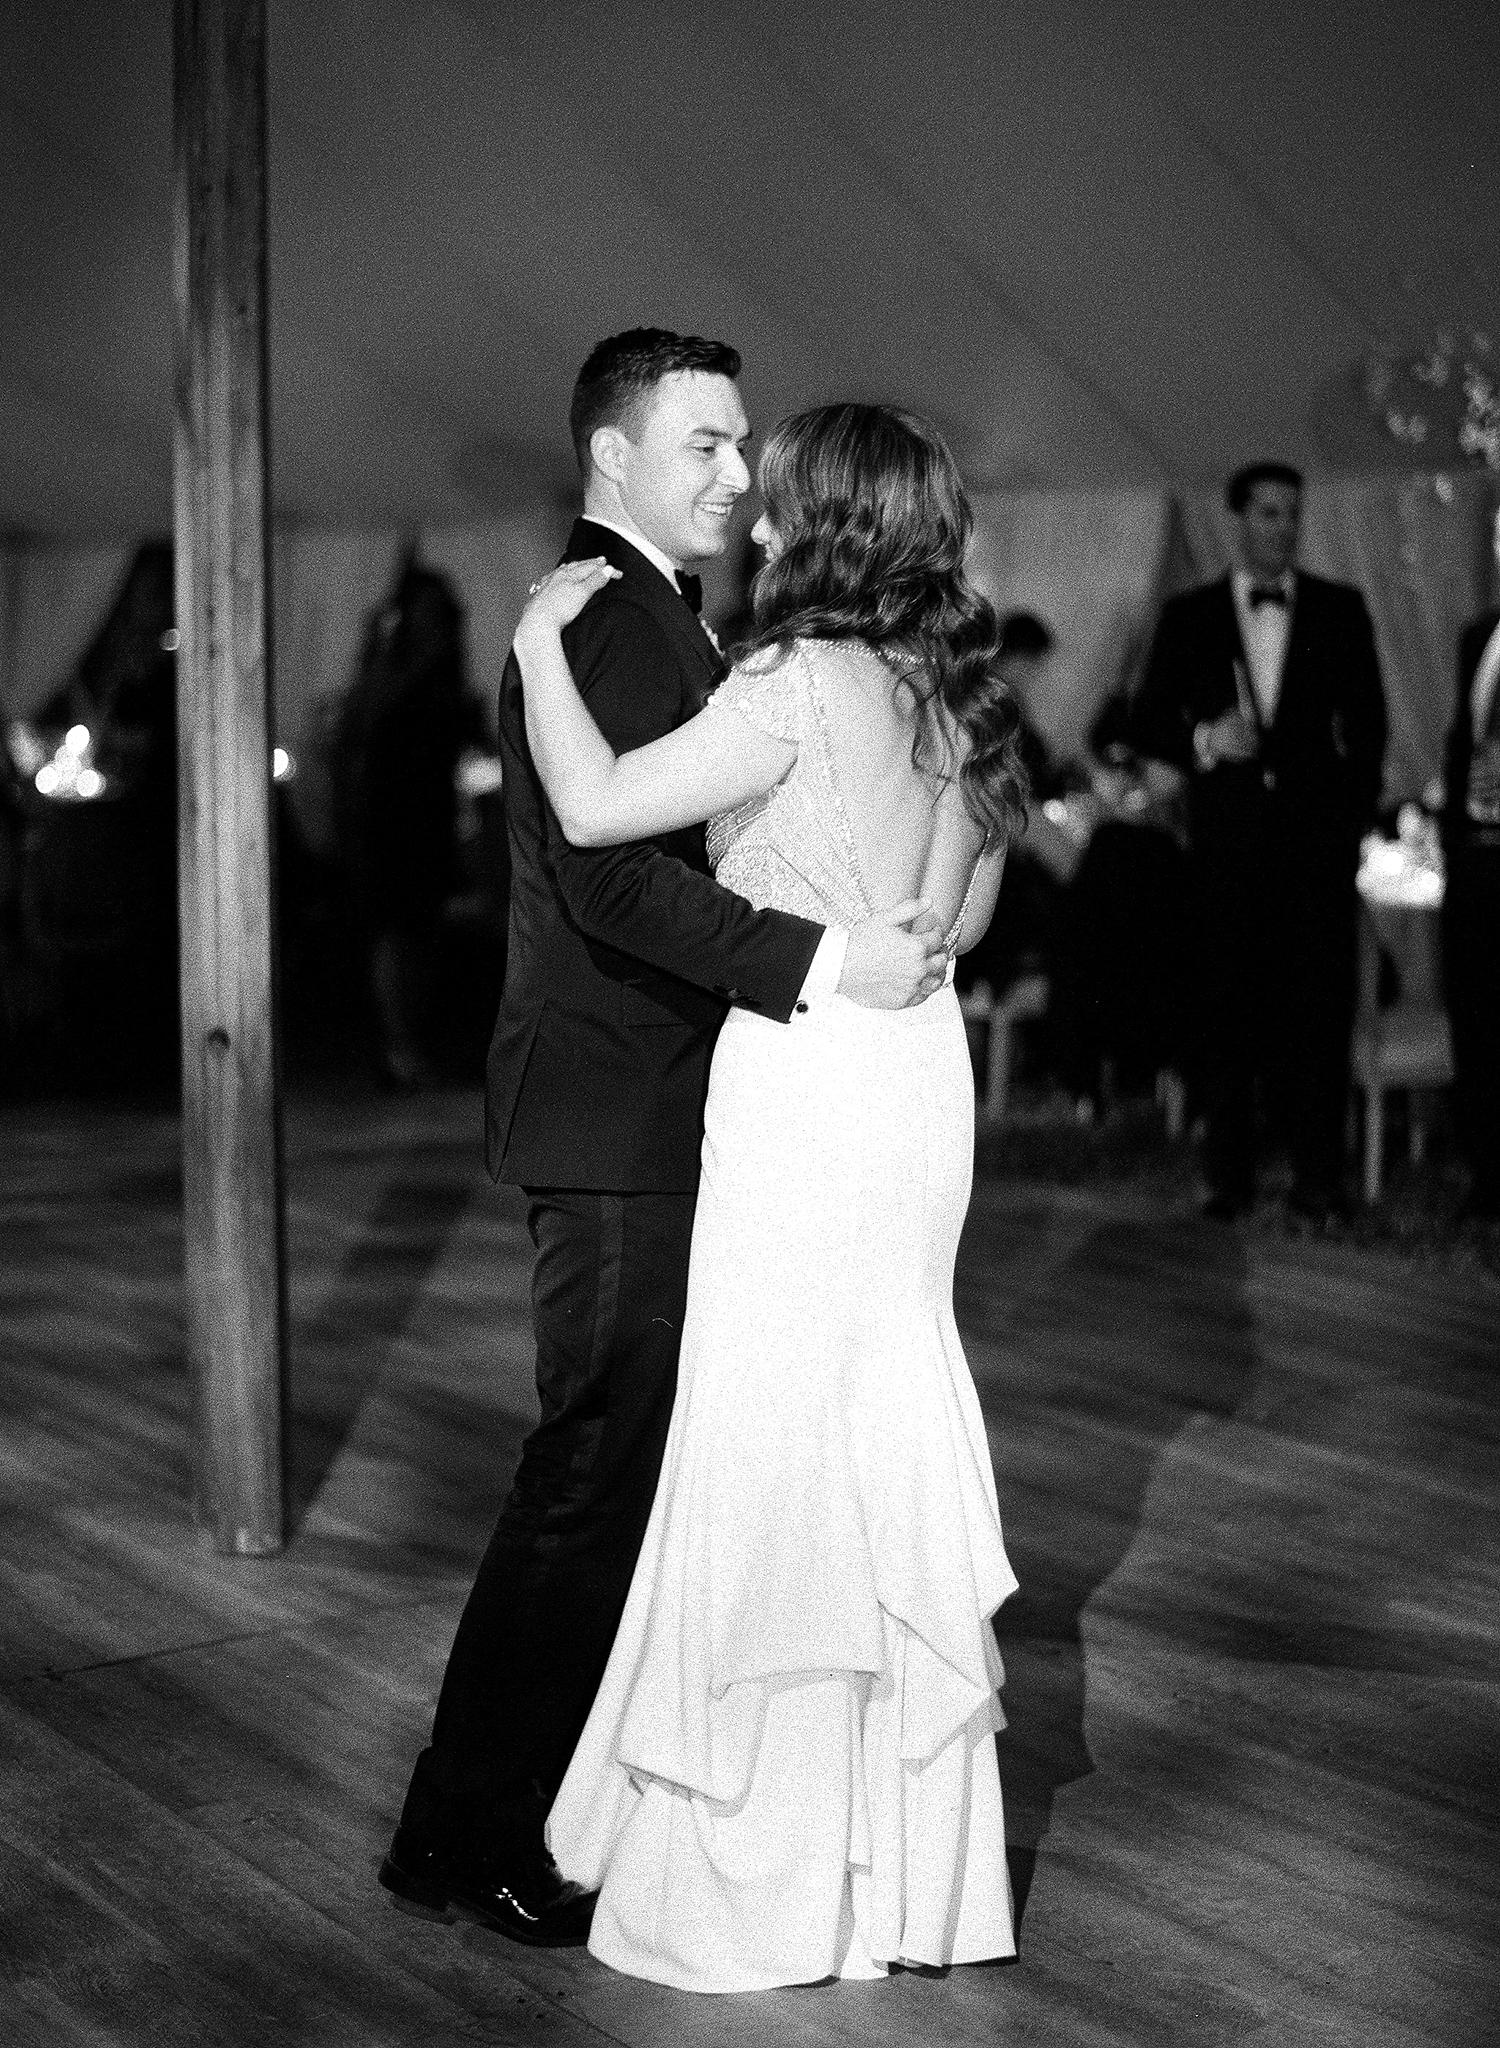 rae rob wedding first dance